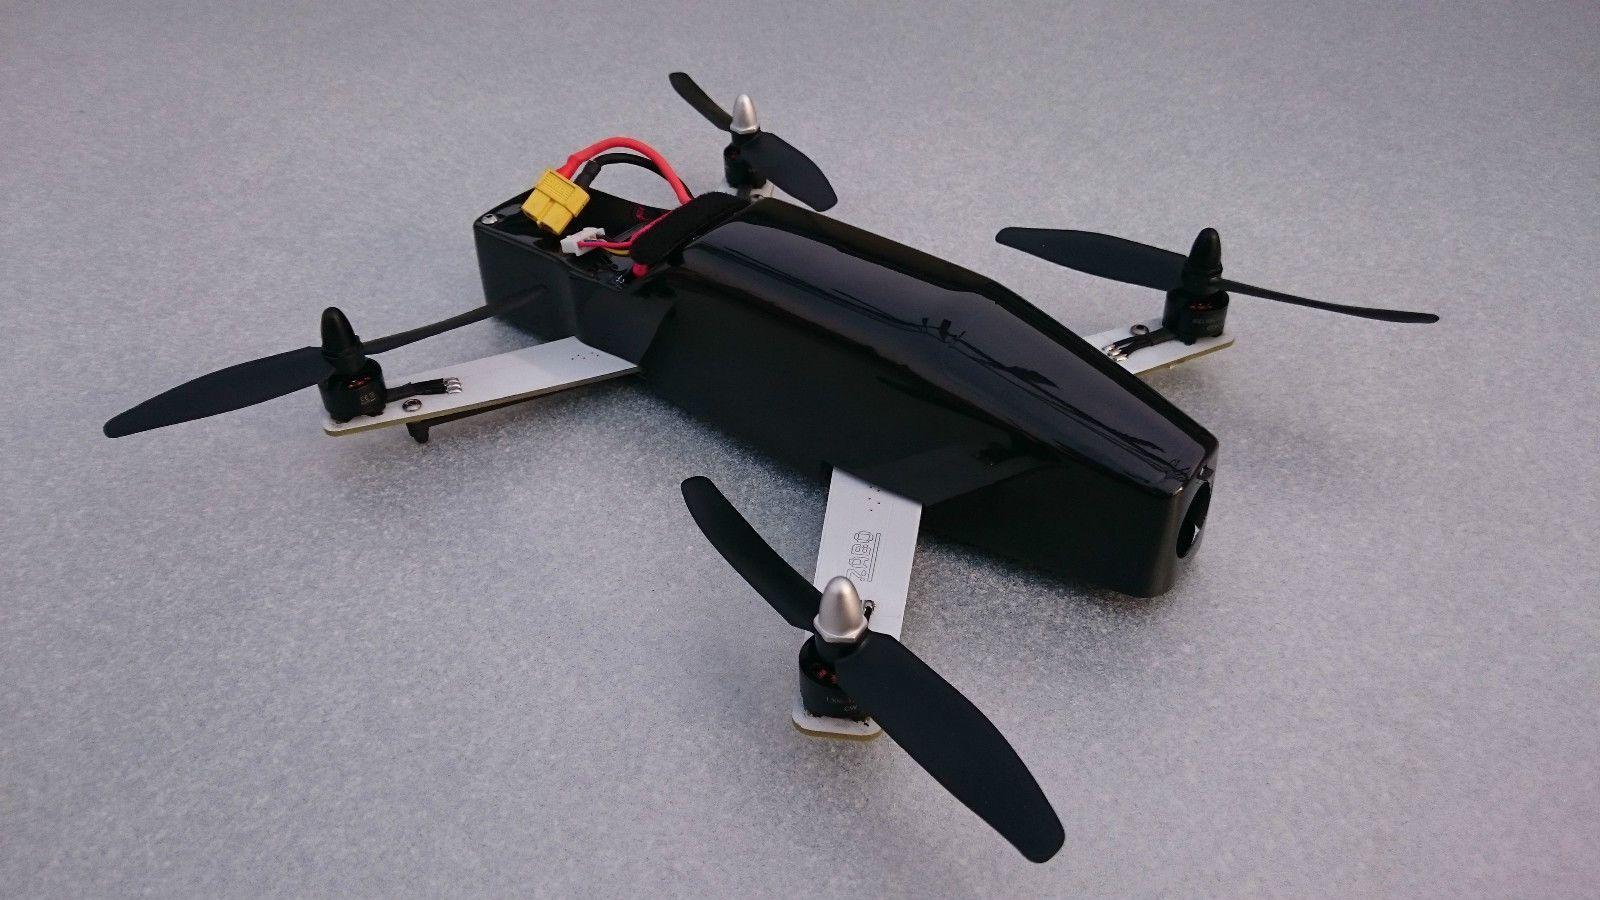 Zabo 250 Racing Quadcopter